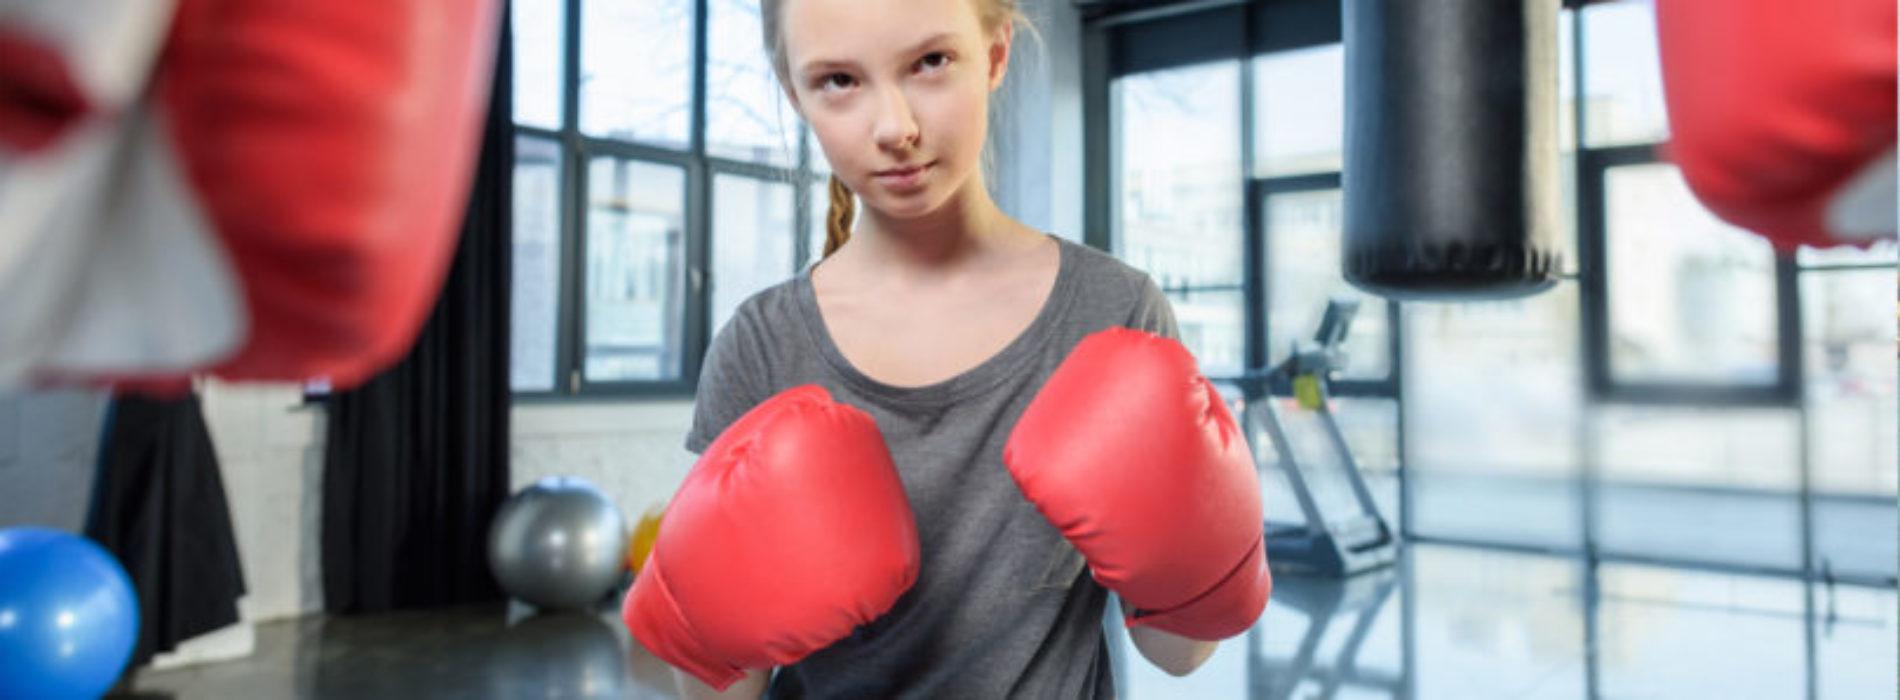 Fun Fitness Activities for Children